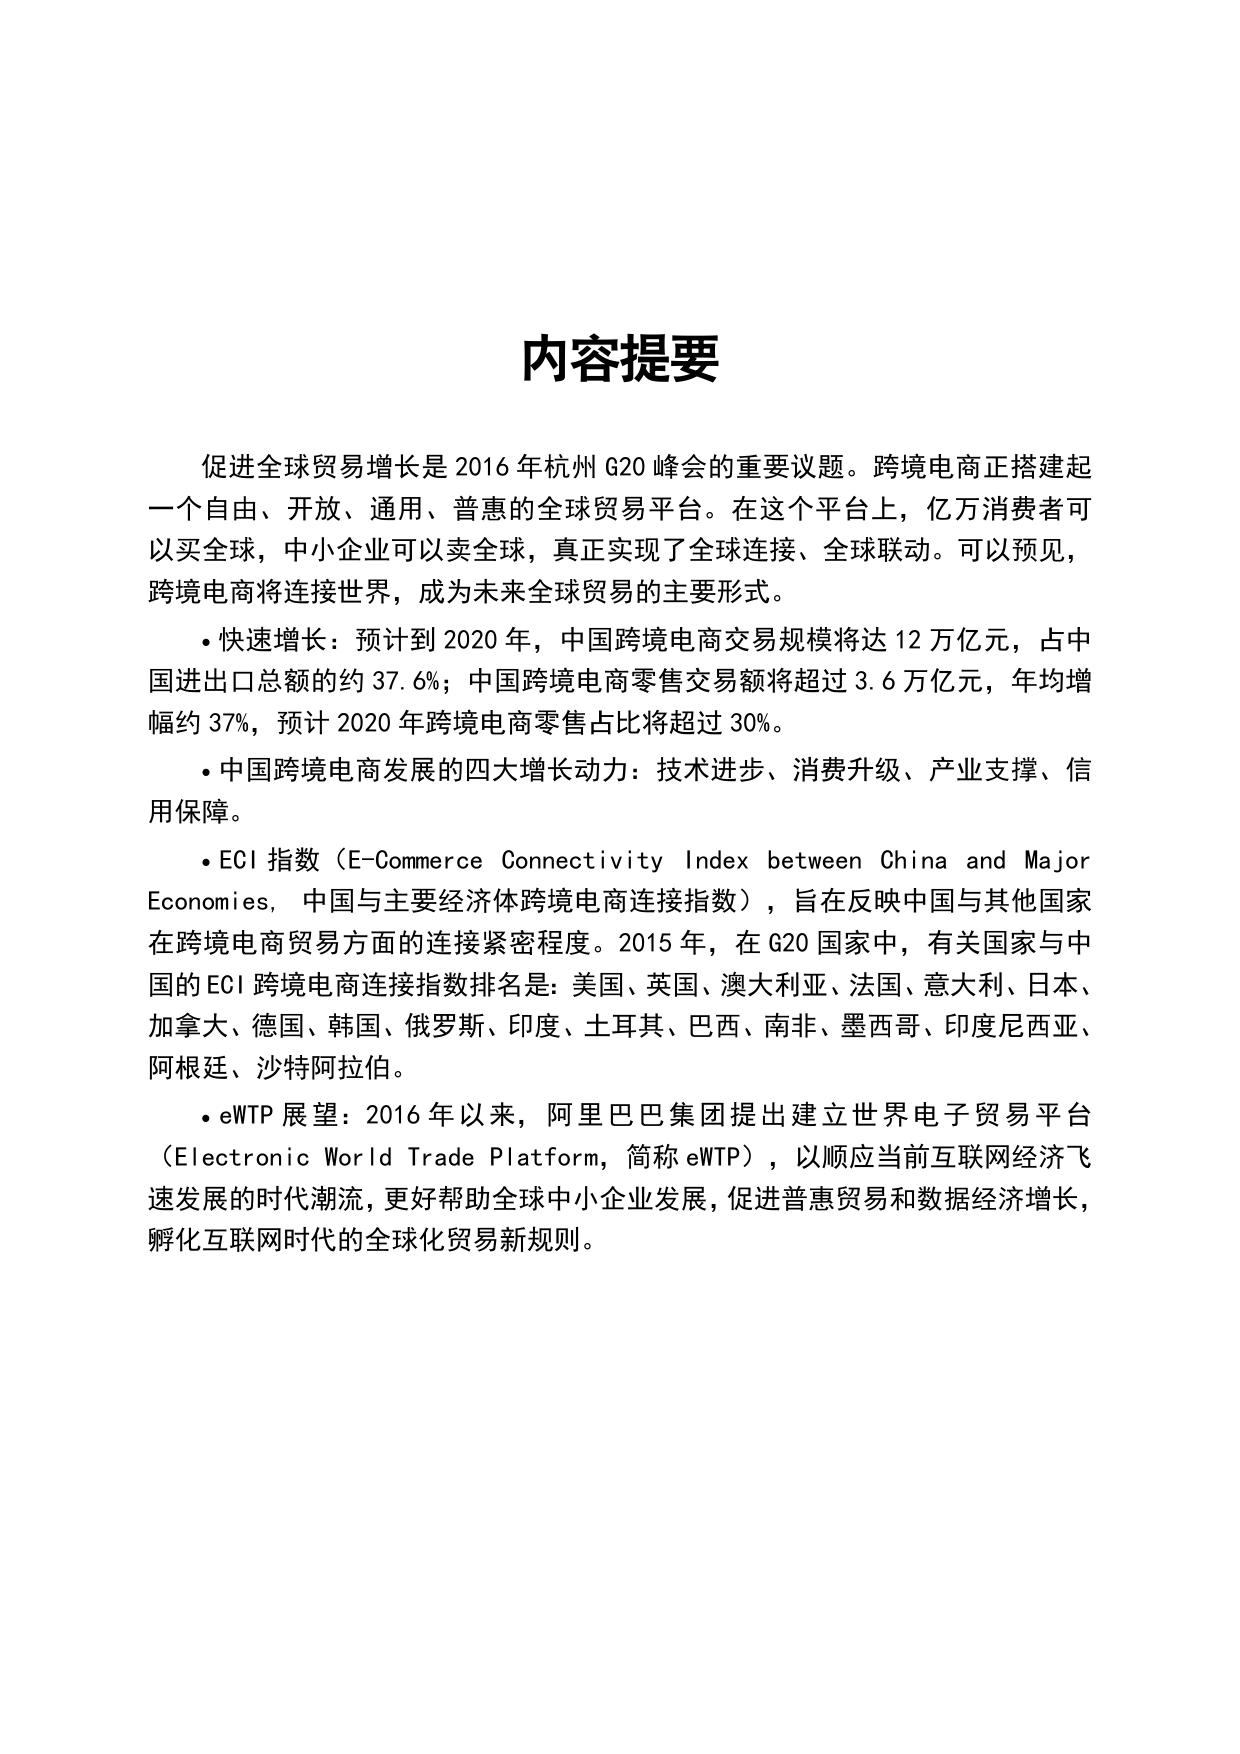 2016中国跨境电商发展报告_000002